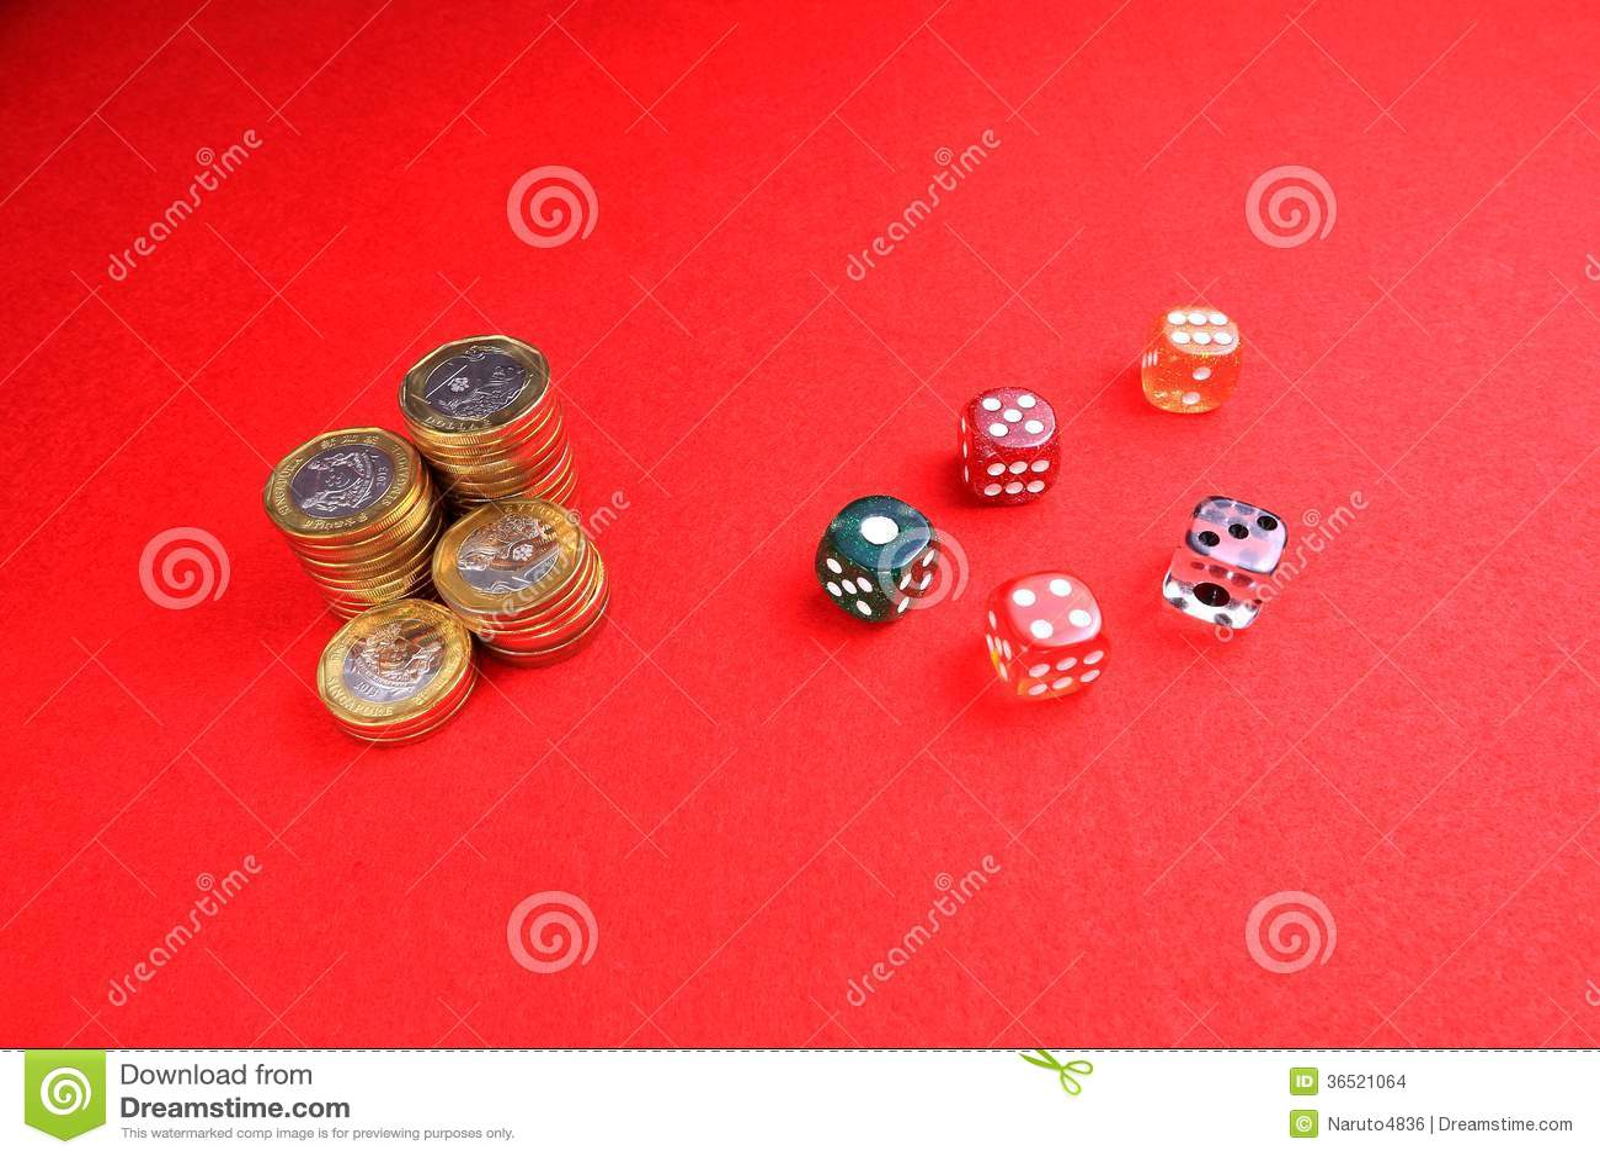 Les pièces de monnaie et découpe